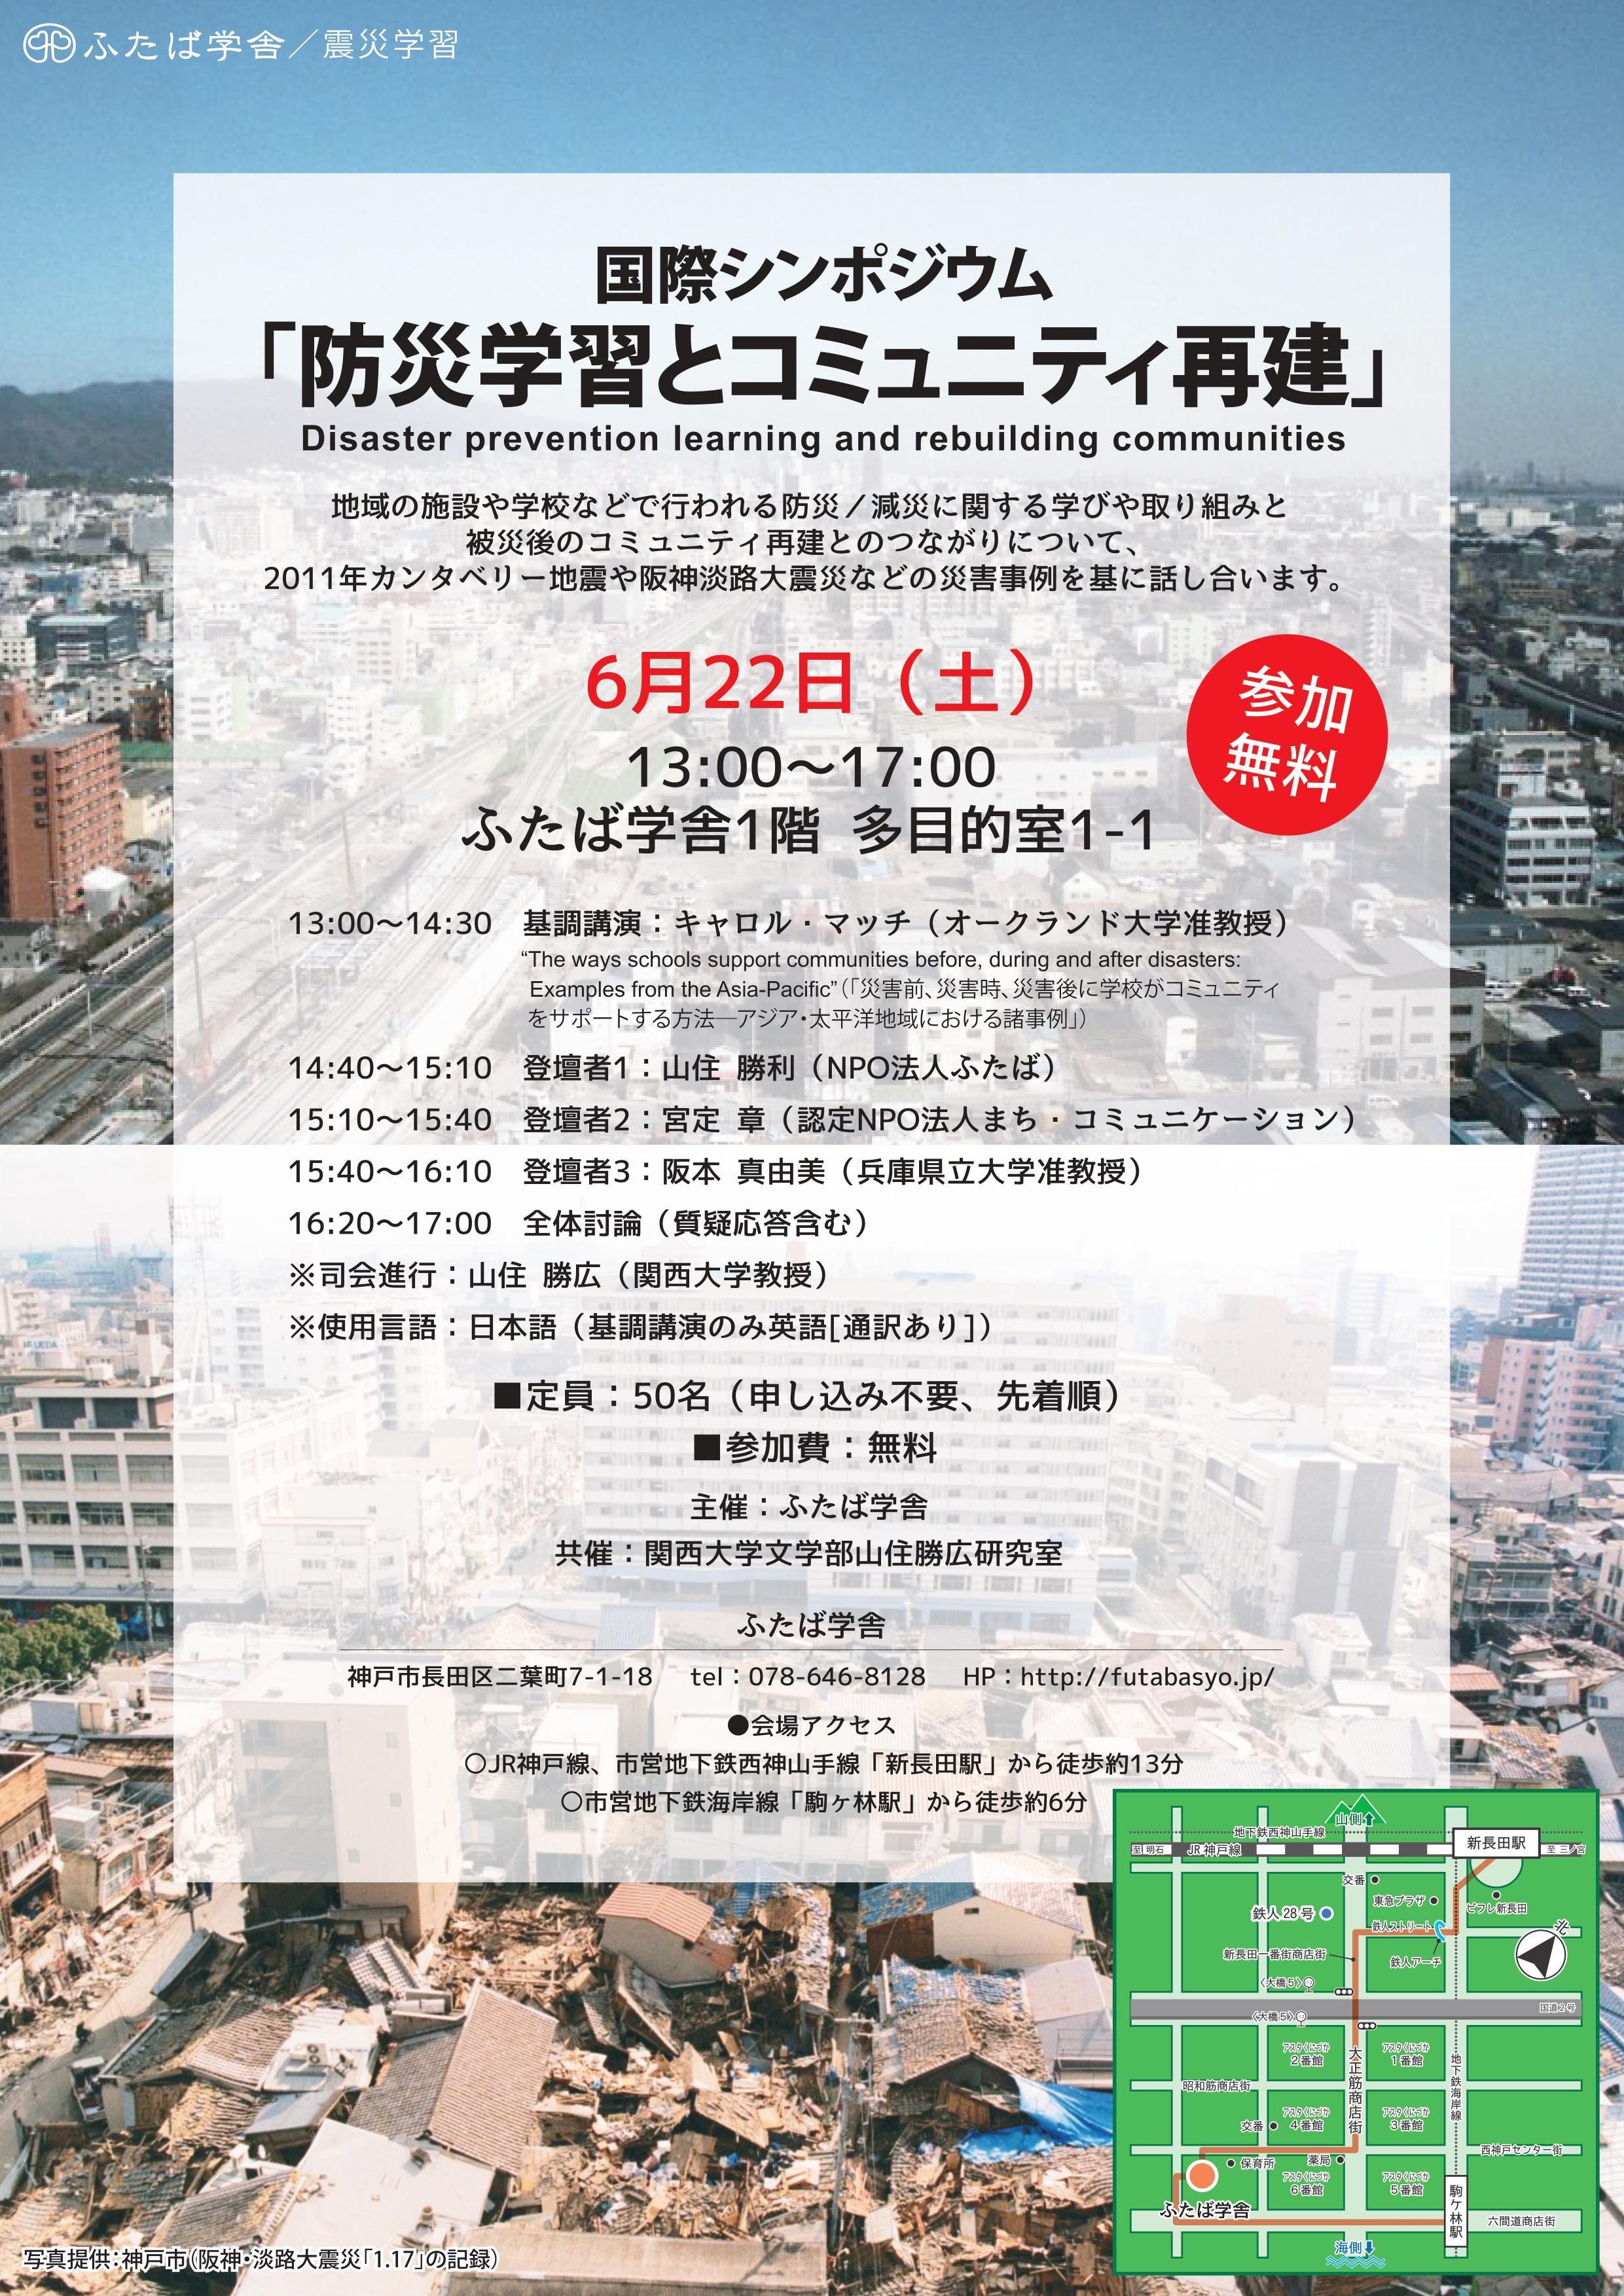 国際シンポジウム「防災学習とコミュニティ再建」